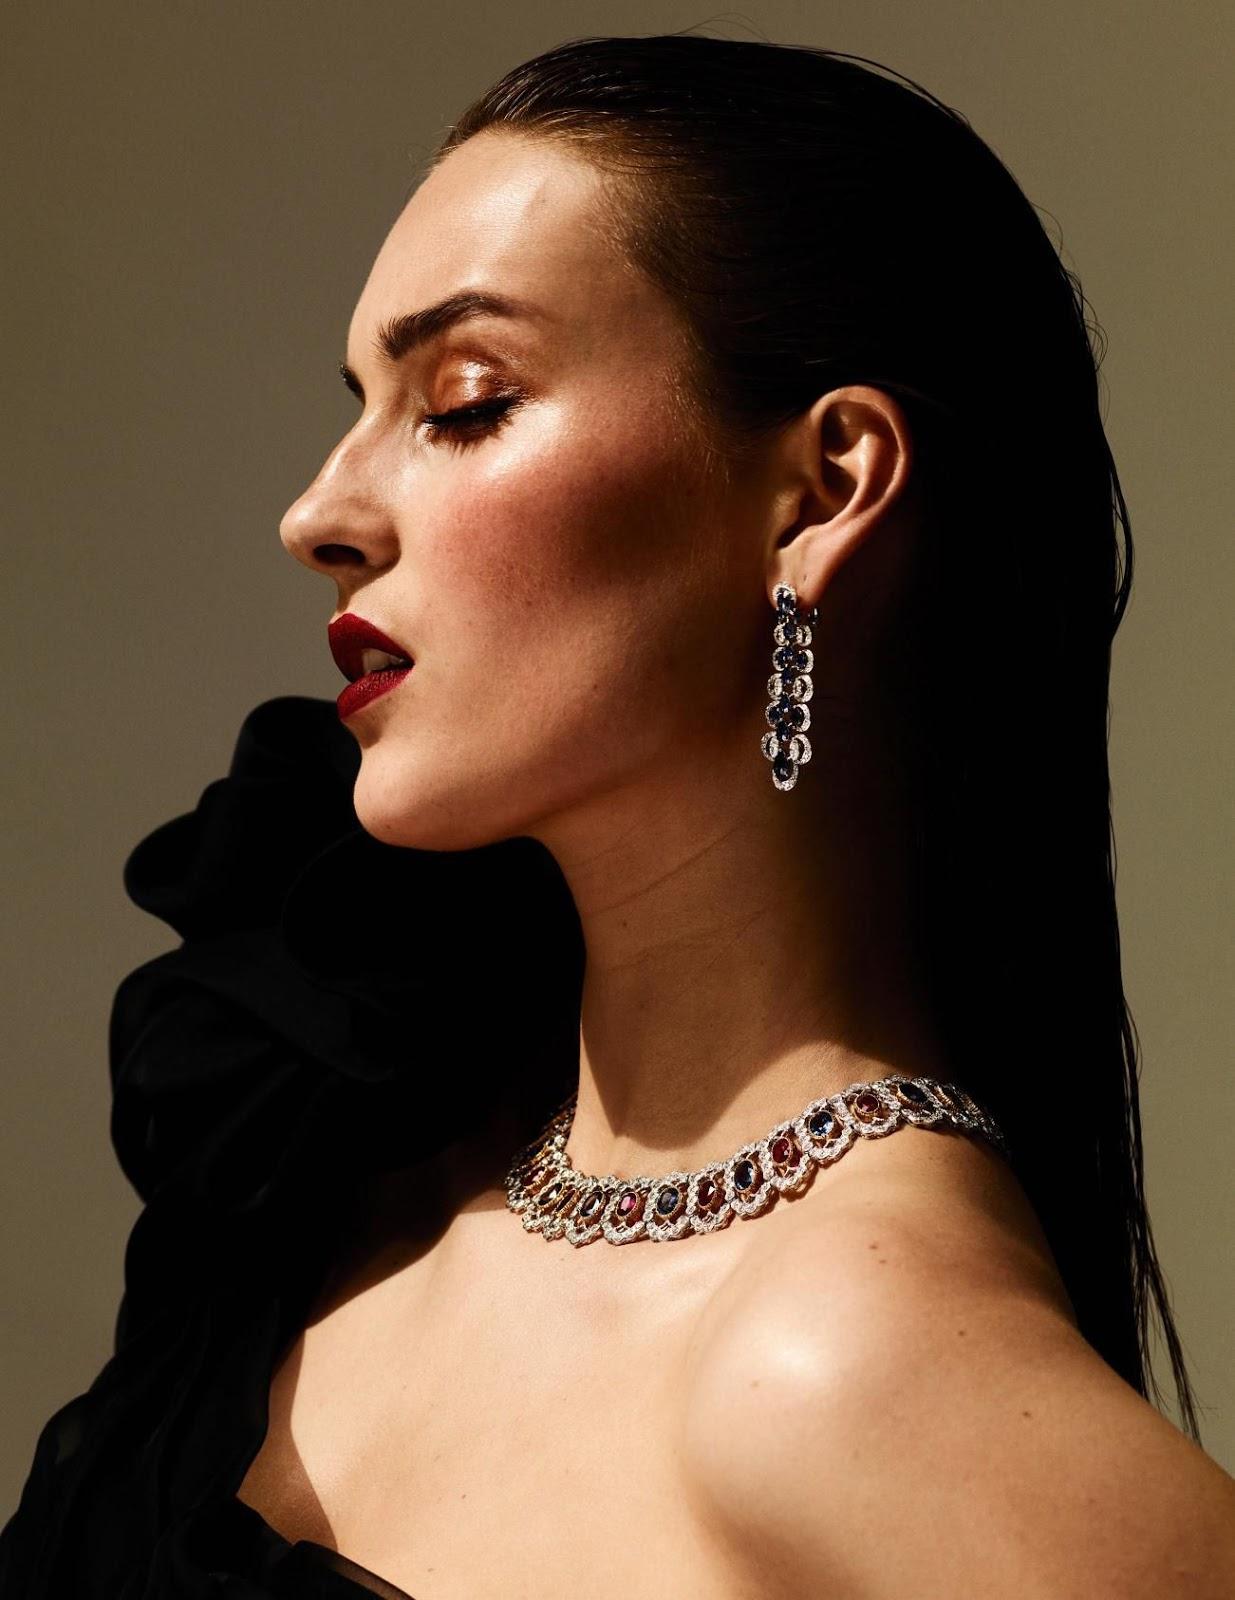 Julia Bergshoeff by Ben Hassett for Vogue Paris Sept 2019 (7).jpg